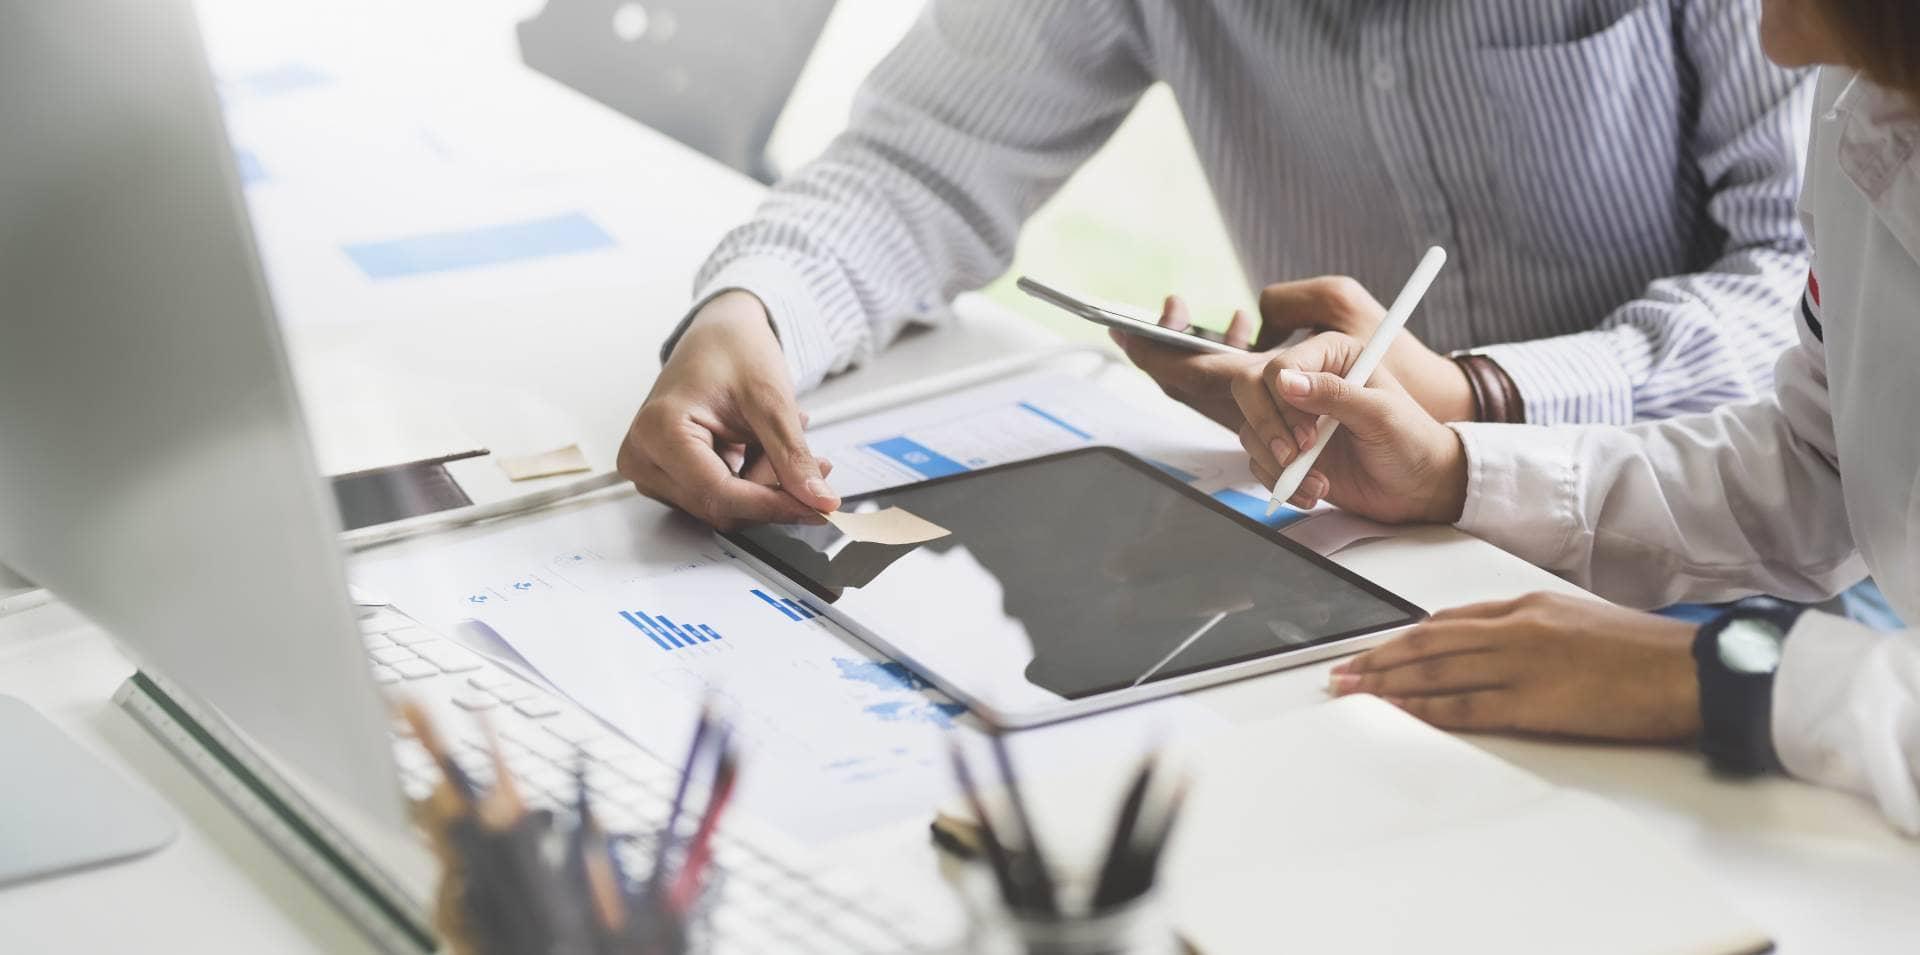 Бизнес-план производства строительных материалов